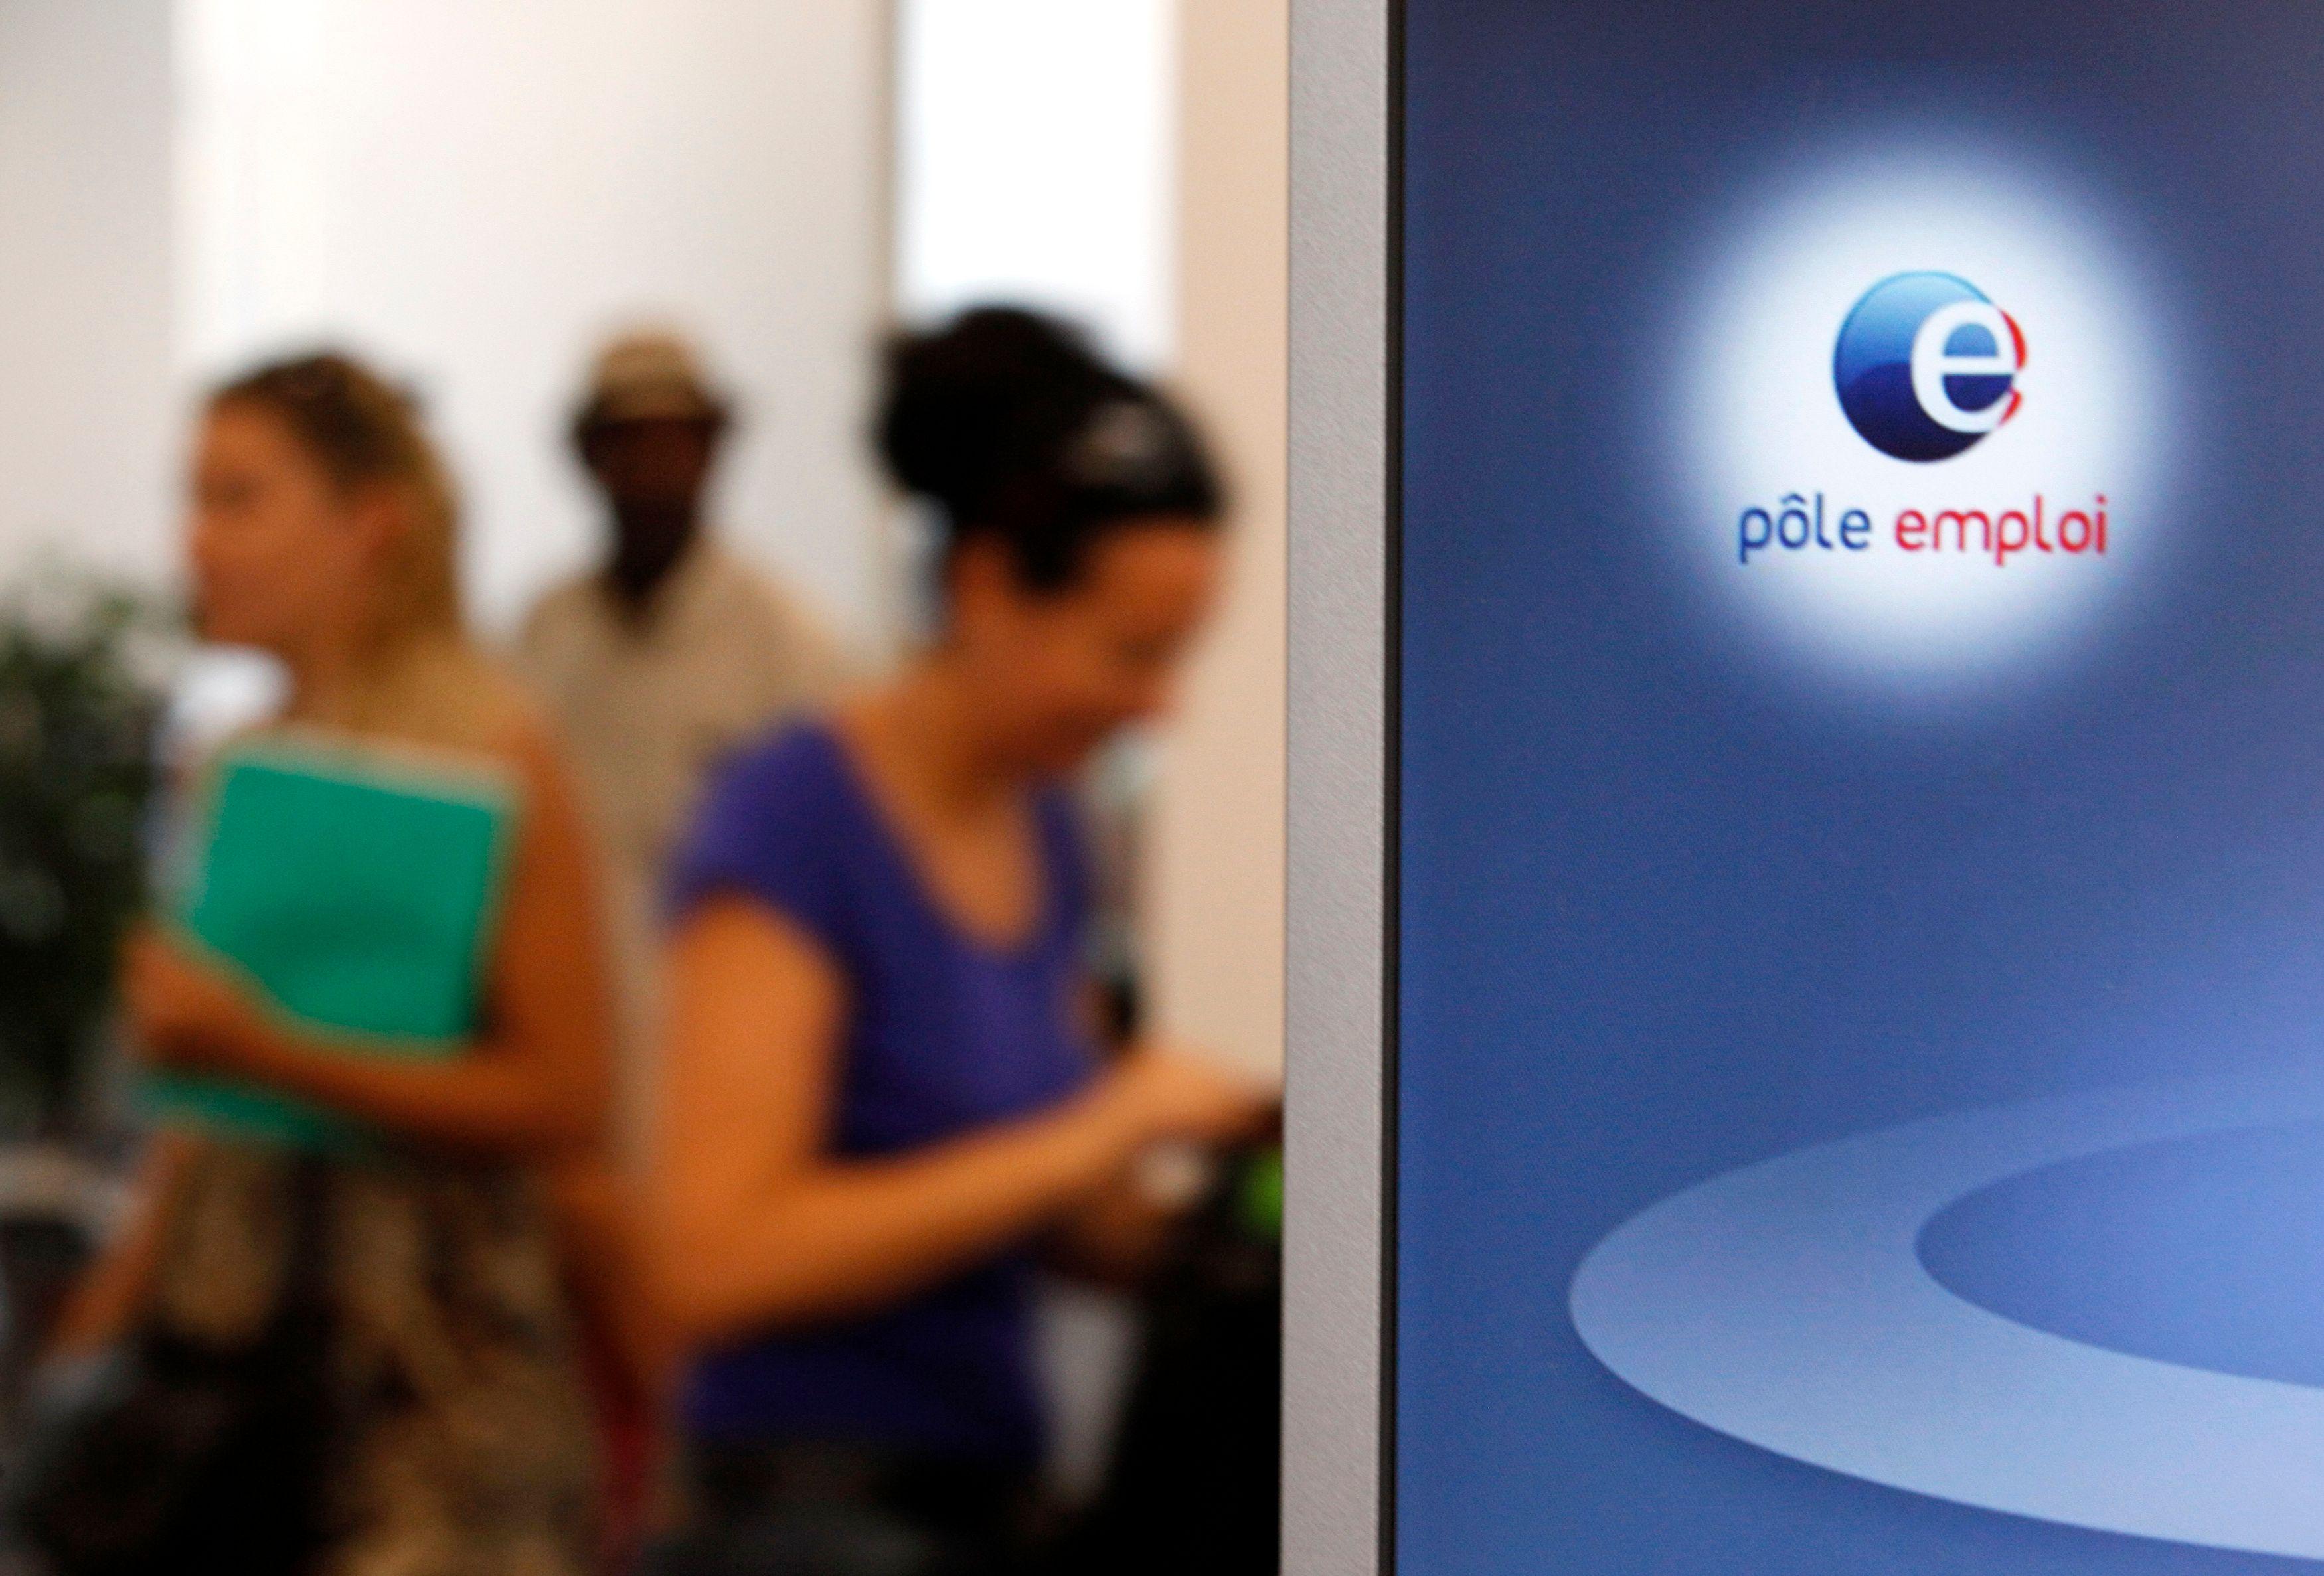 Annoncée « d'ici un an » en septembre 2012 sur TF1, la fameuse « inflexion » de la courbe du chômage a été par la suite reportée à « la fin 2013 ».